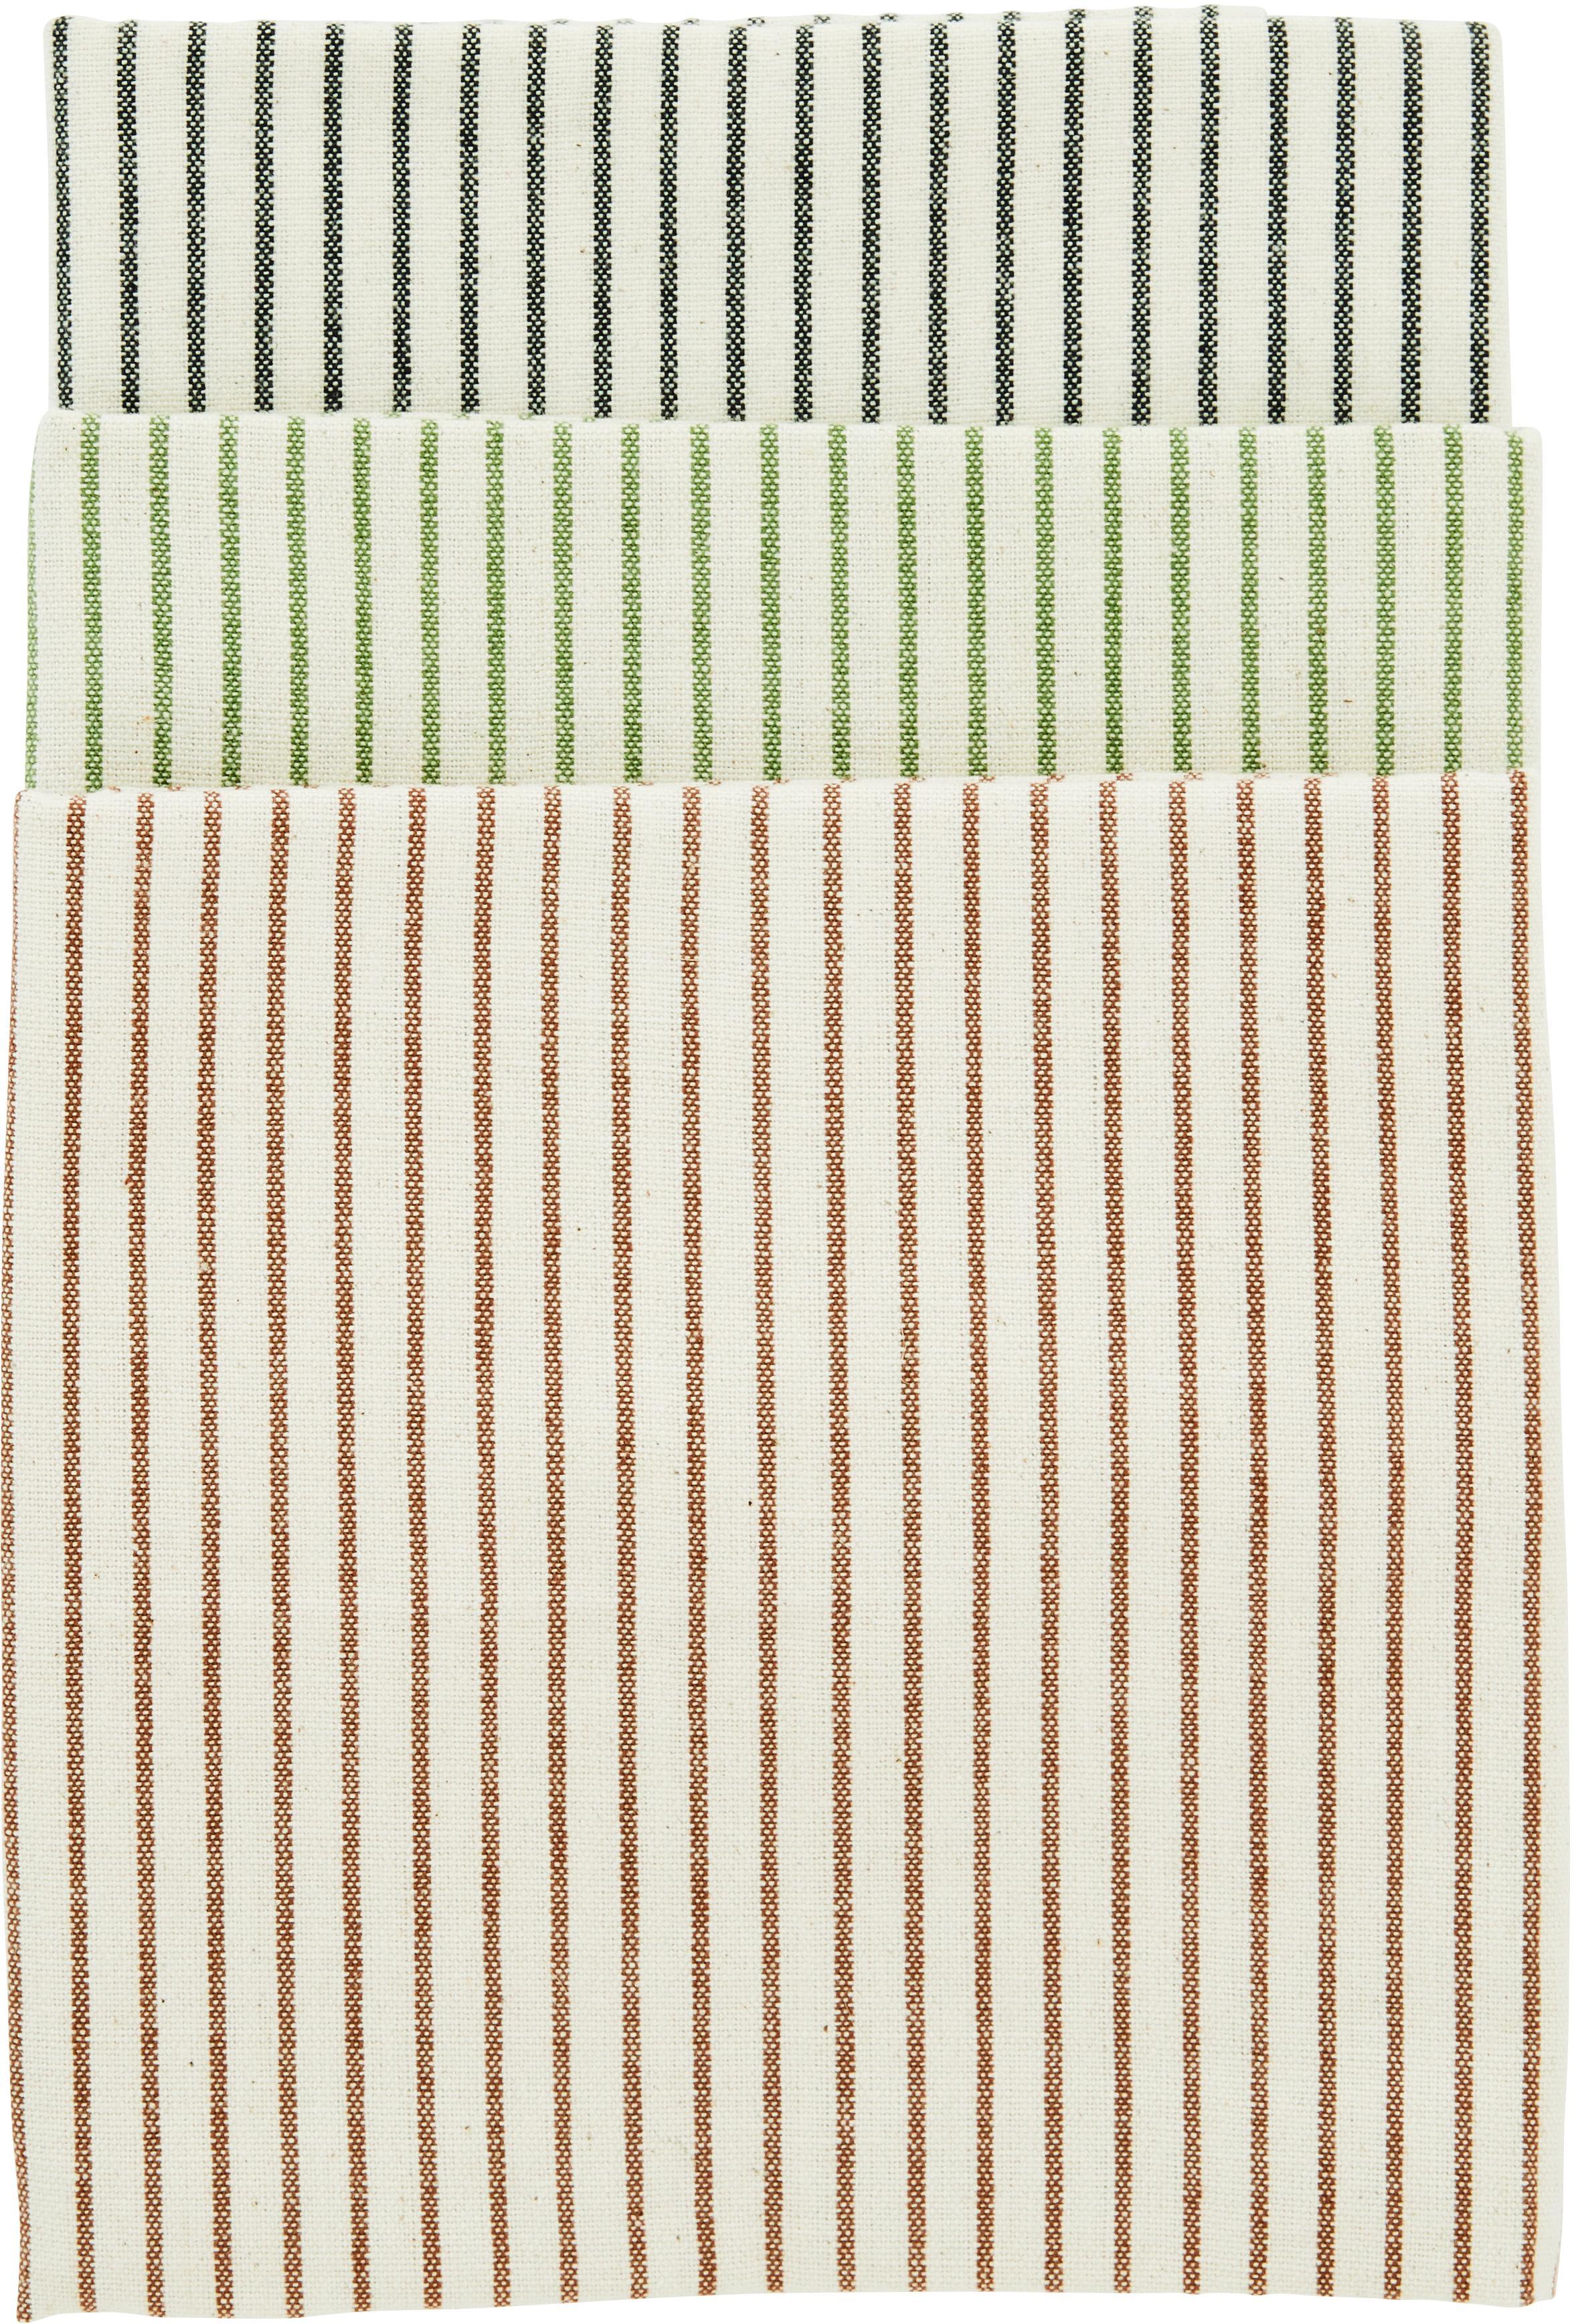 Gestreifte Geschirrtücher Sienna, 3er-Set, 100% Baumwolle, Ecru, Schwarz, Grün, Braun, 50 x 70 cm